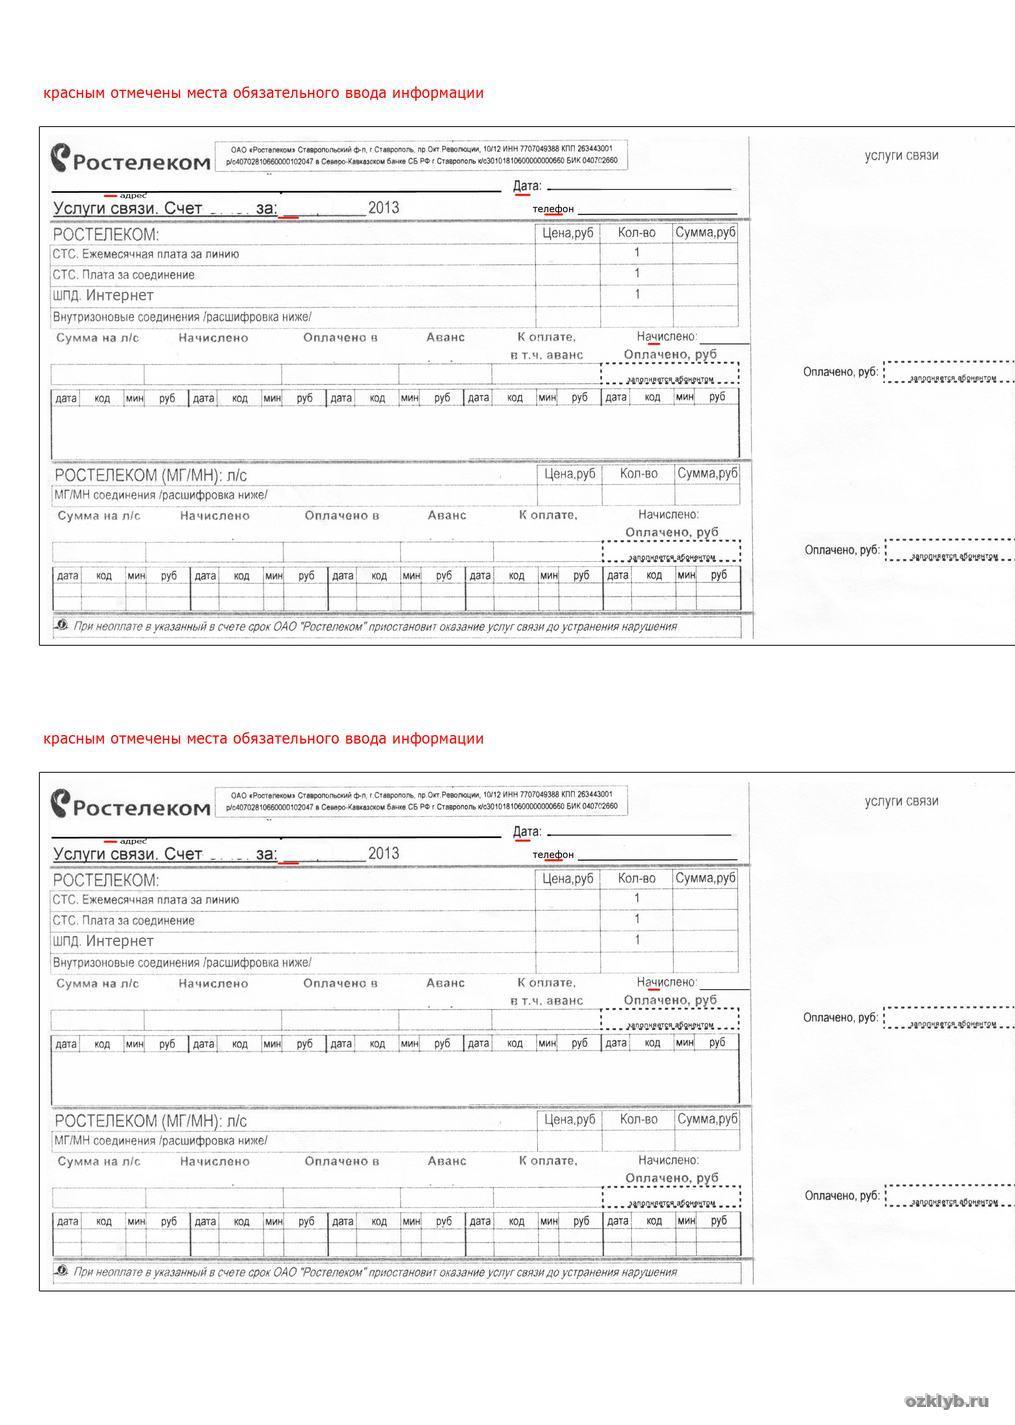 образец квитанции на оплату за услуги